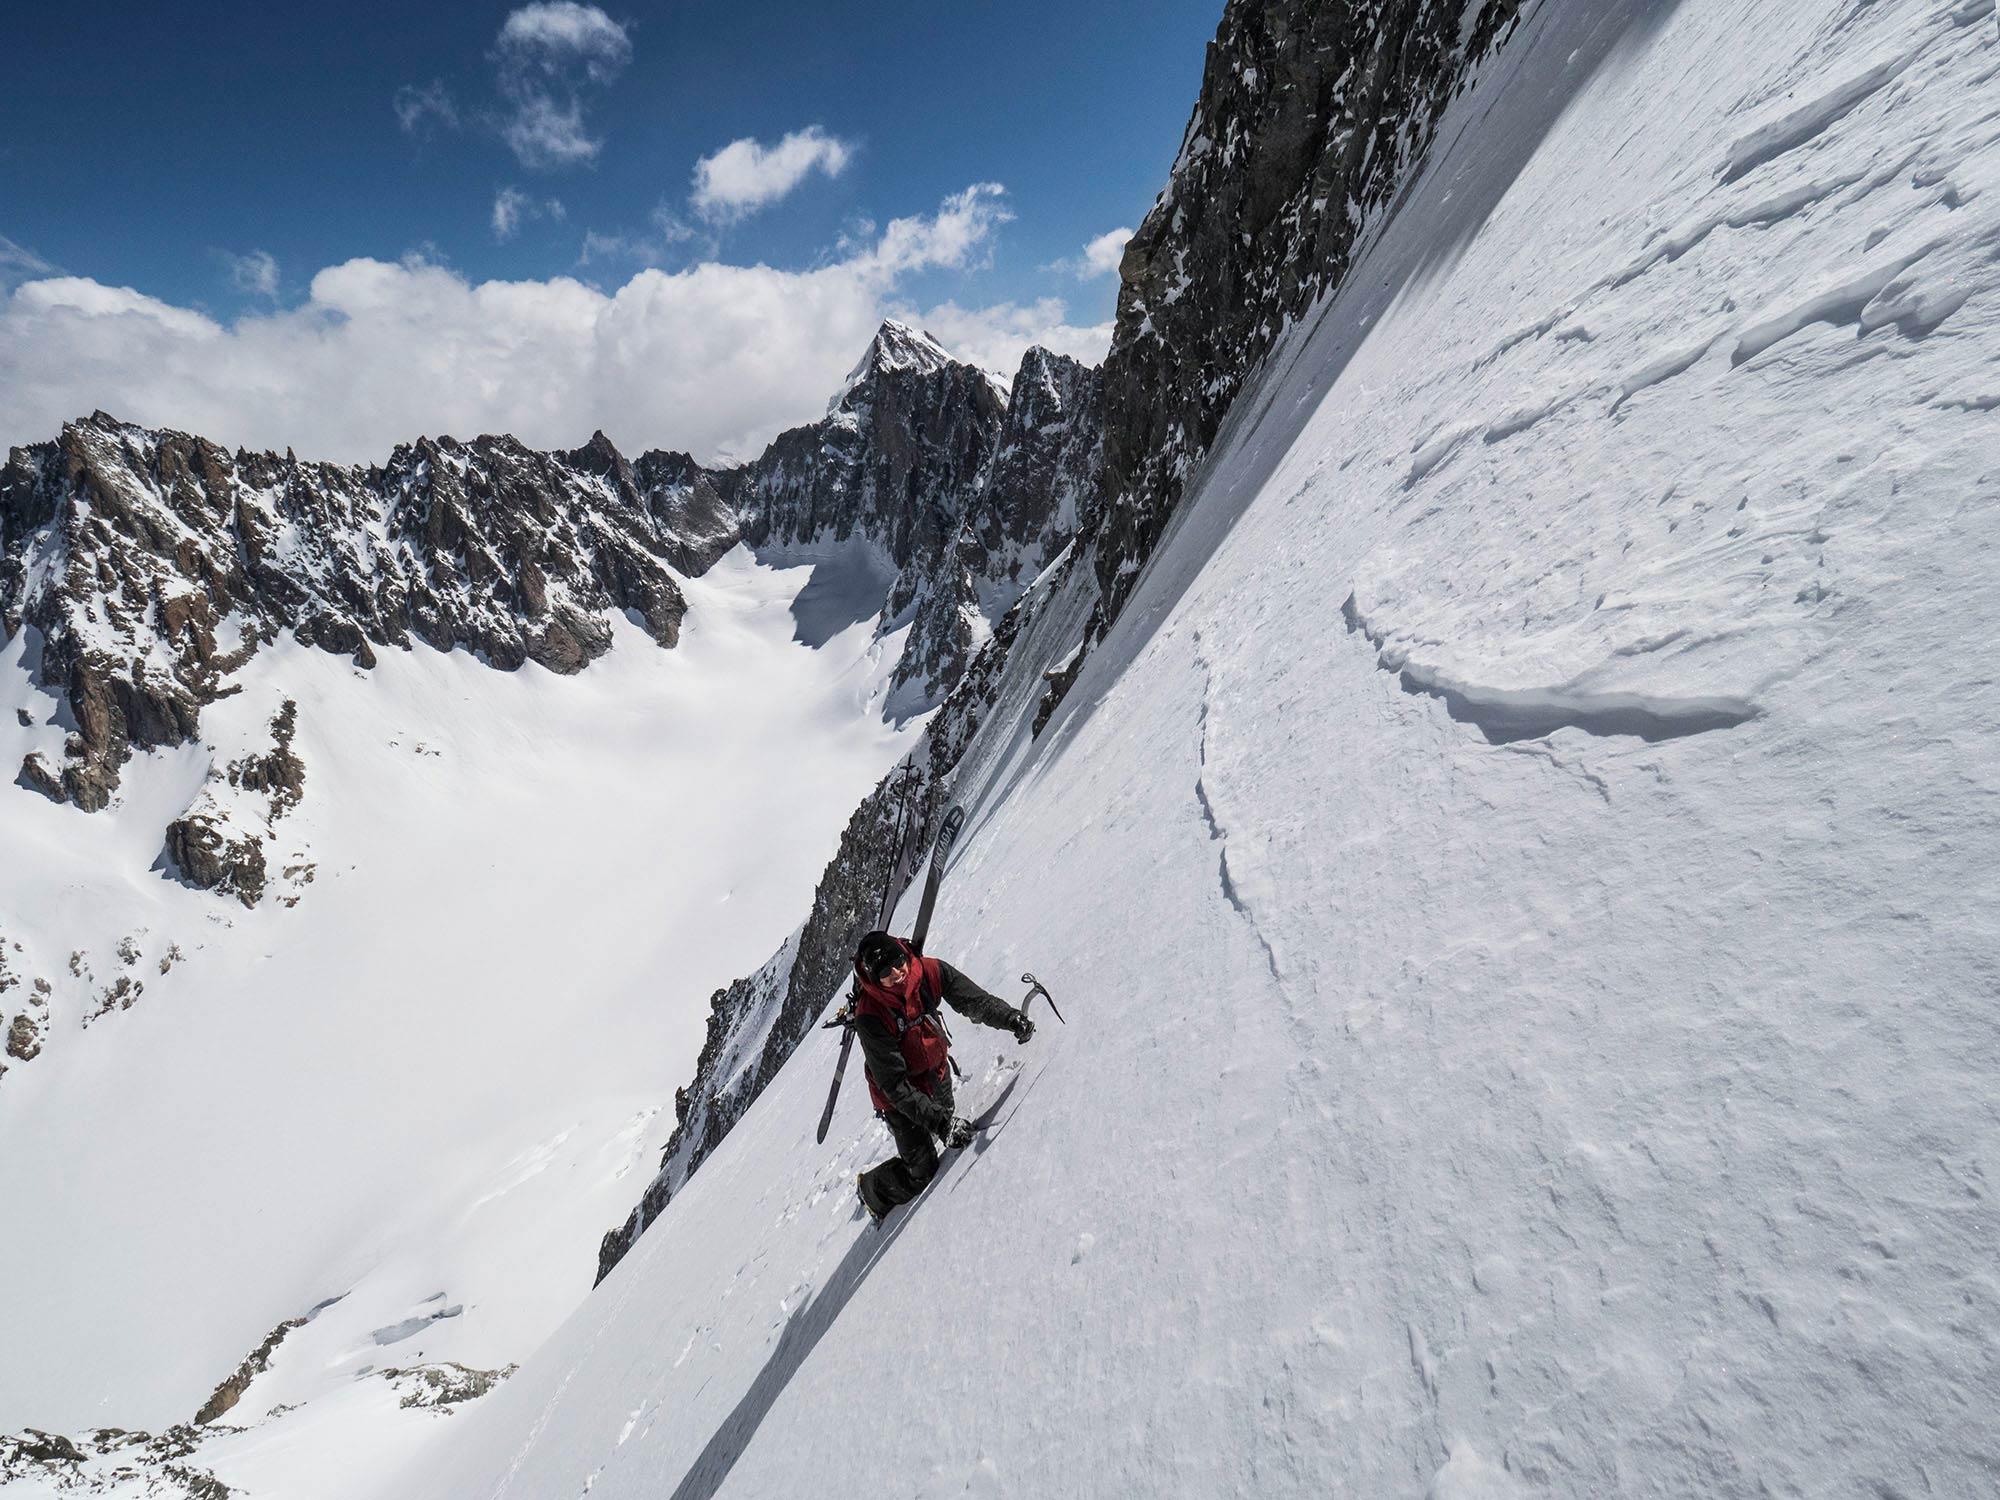 Tof Henry beim Aufstieg - Foto: Daniel Rönnbäck